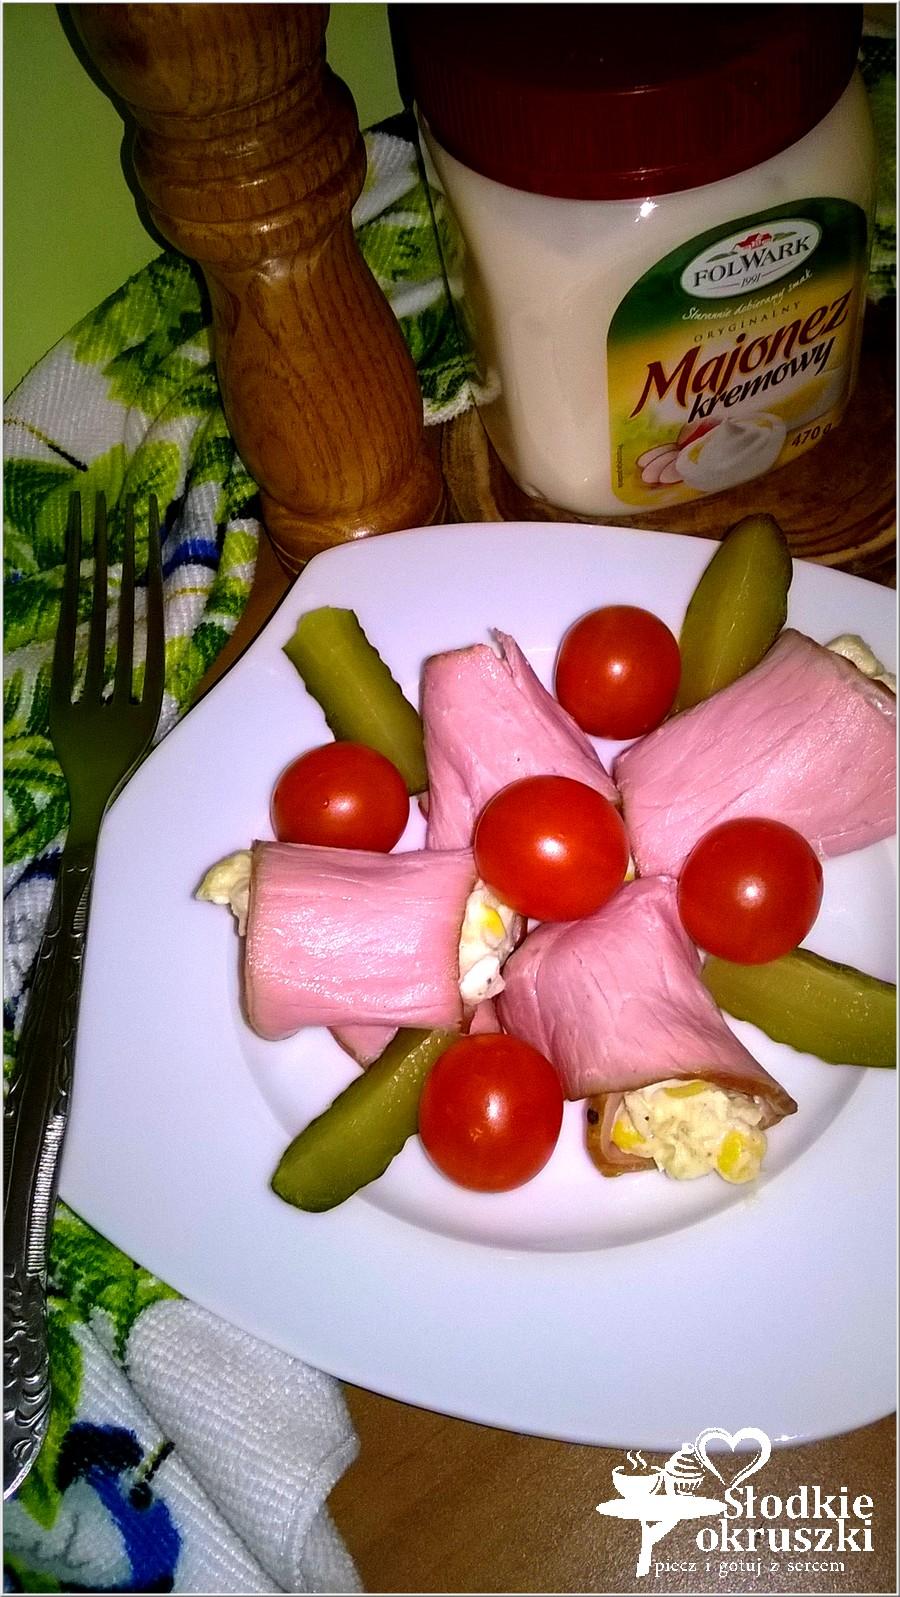 Sałatka podana w wędlinie z pomidorkami i ogórkiem (2)